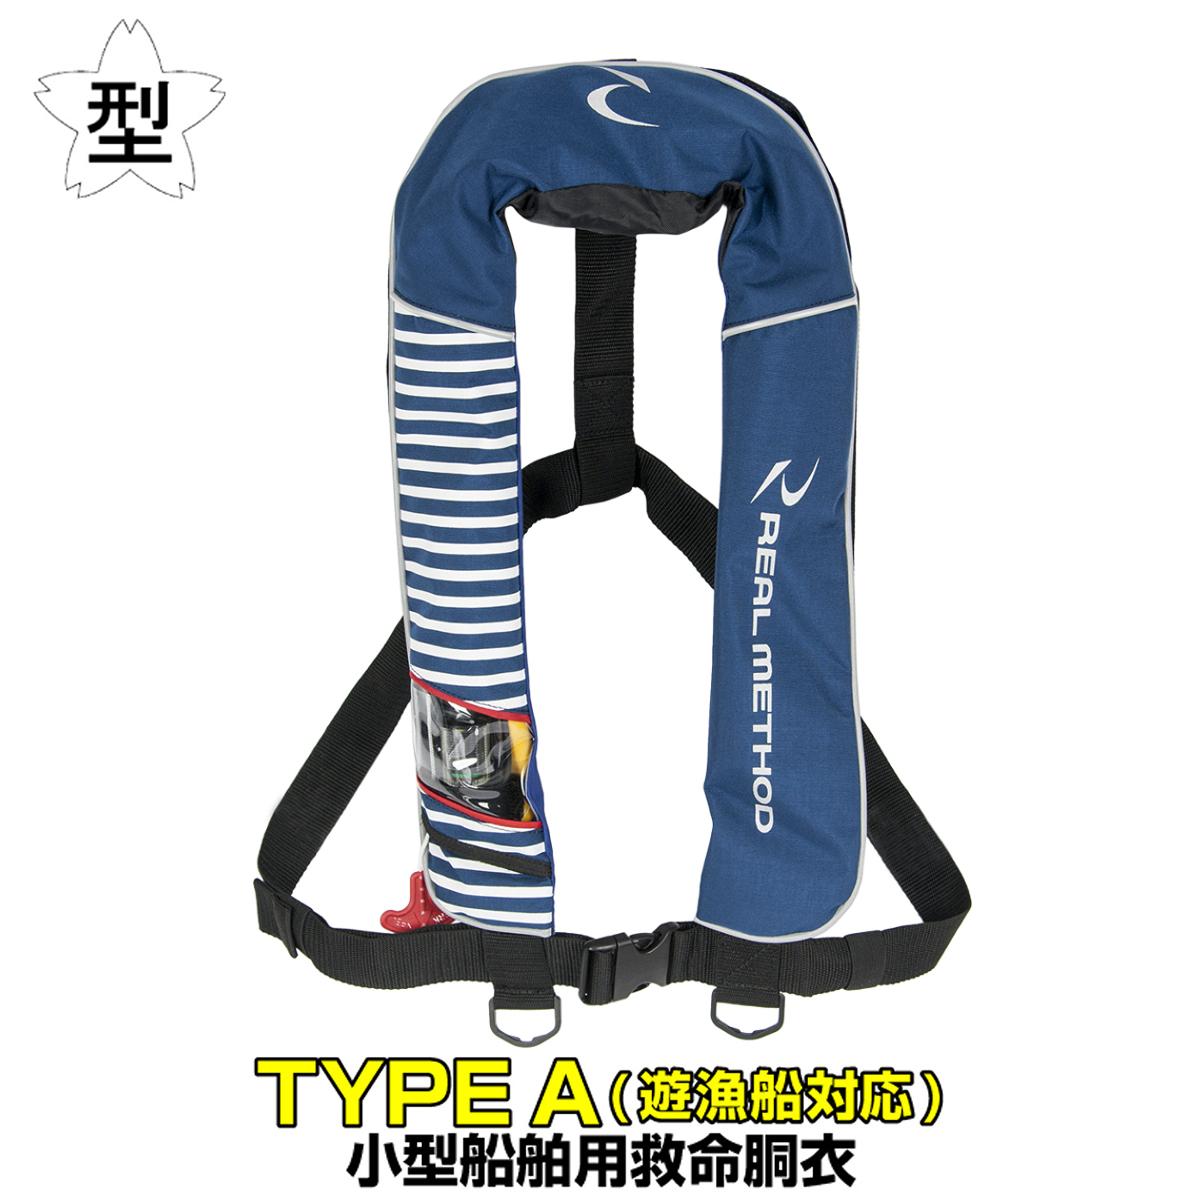 タカミヤ REALMETHOD 自動膨張式ライフジャケット サスペンダータイプ RM-2520RS ネイビーストライプ ※遊漁船対応(東日本店)